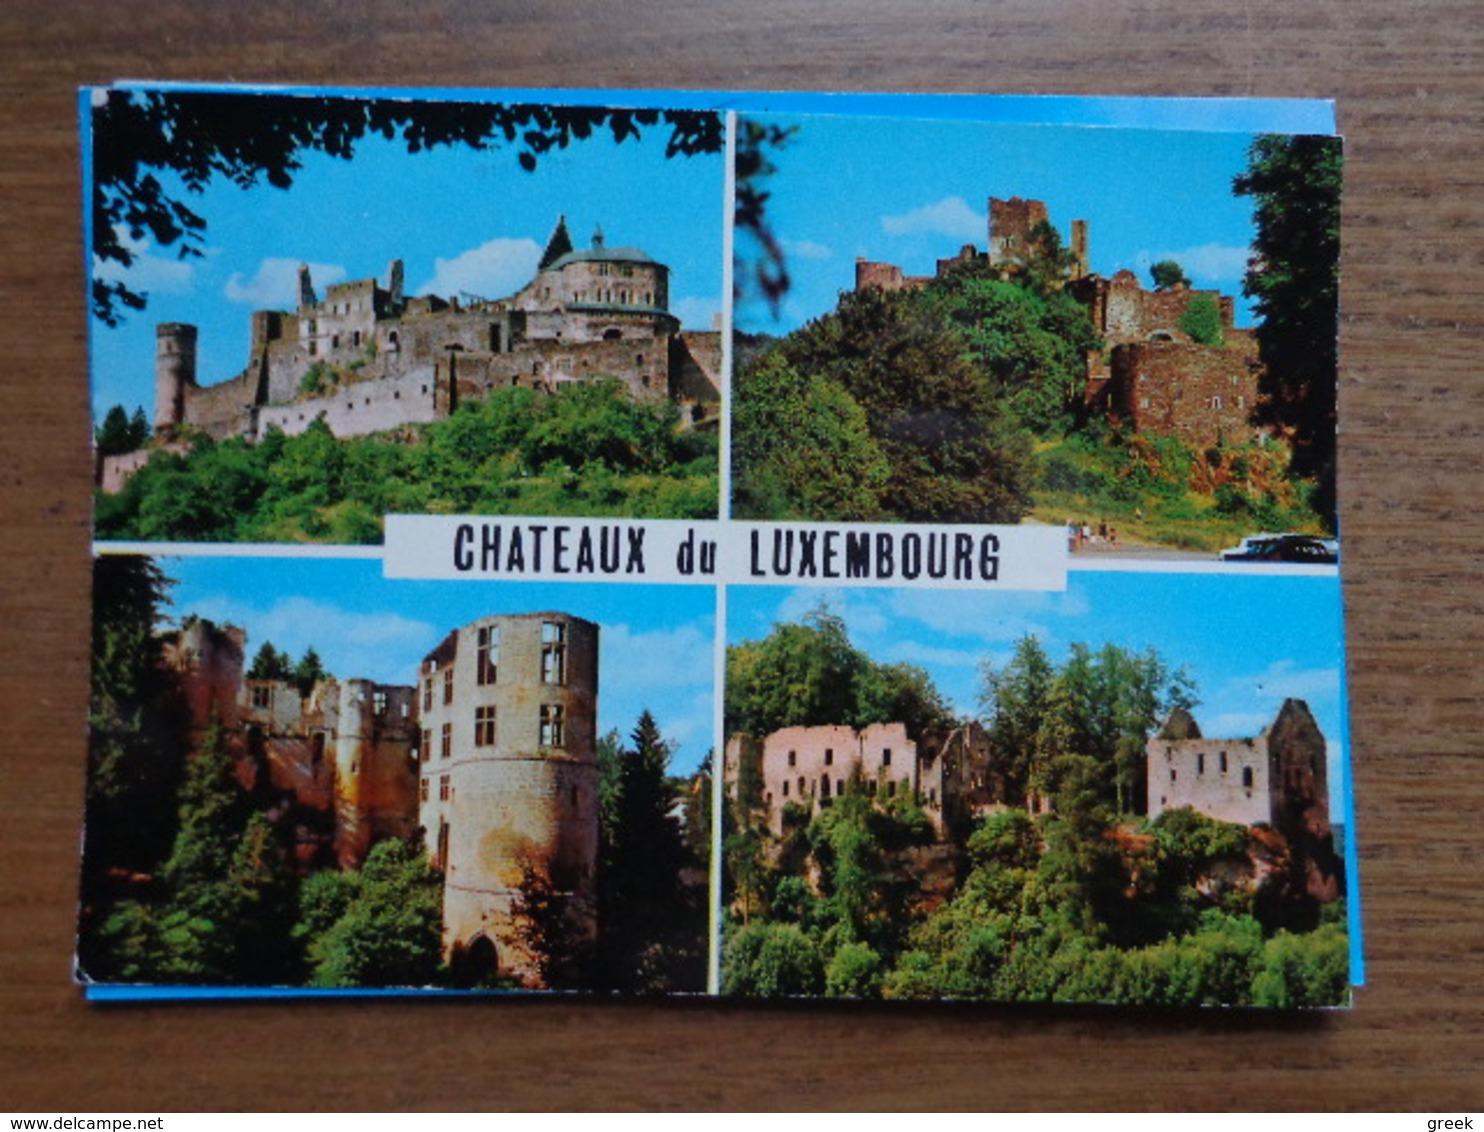 Kasteel, Castle, Chateau / Chateaux Du Luxembourg --> écrit - Châteaux